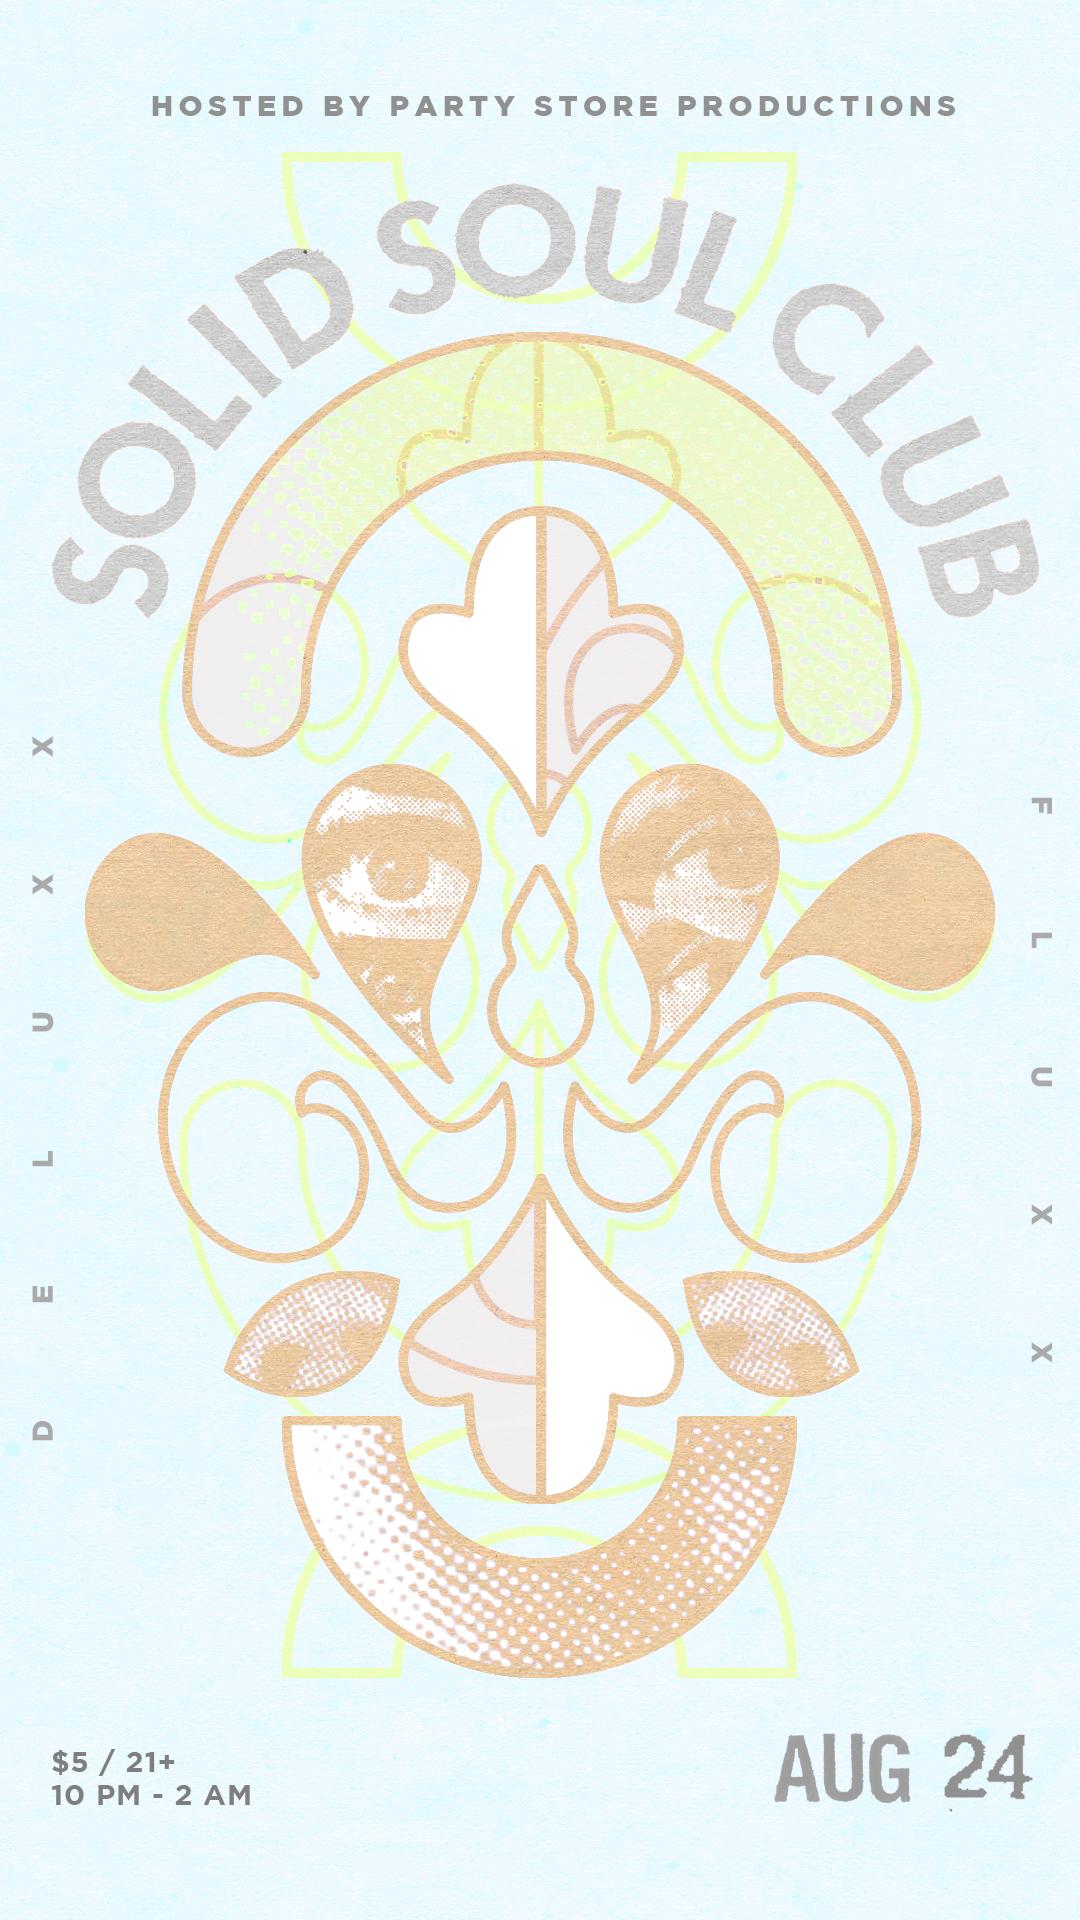 SolidSoulClub.jpg